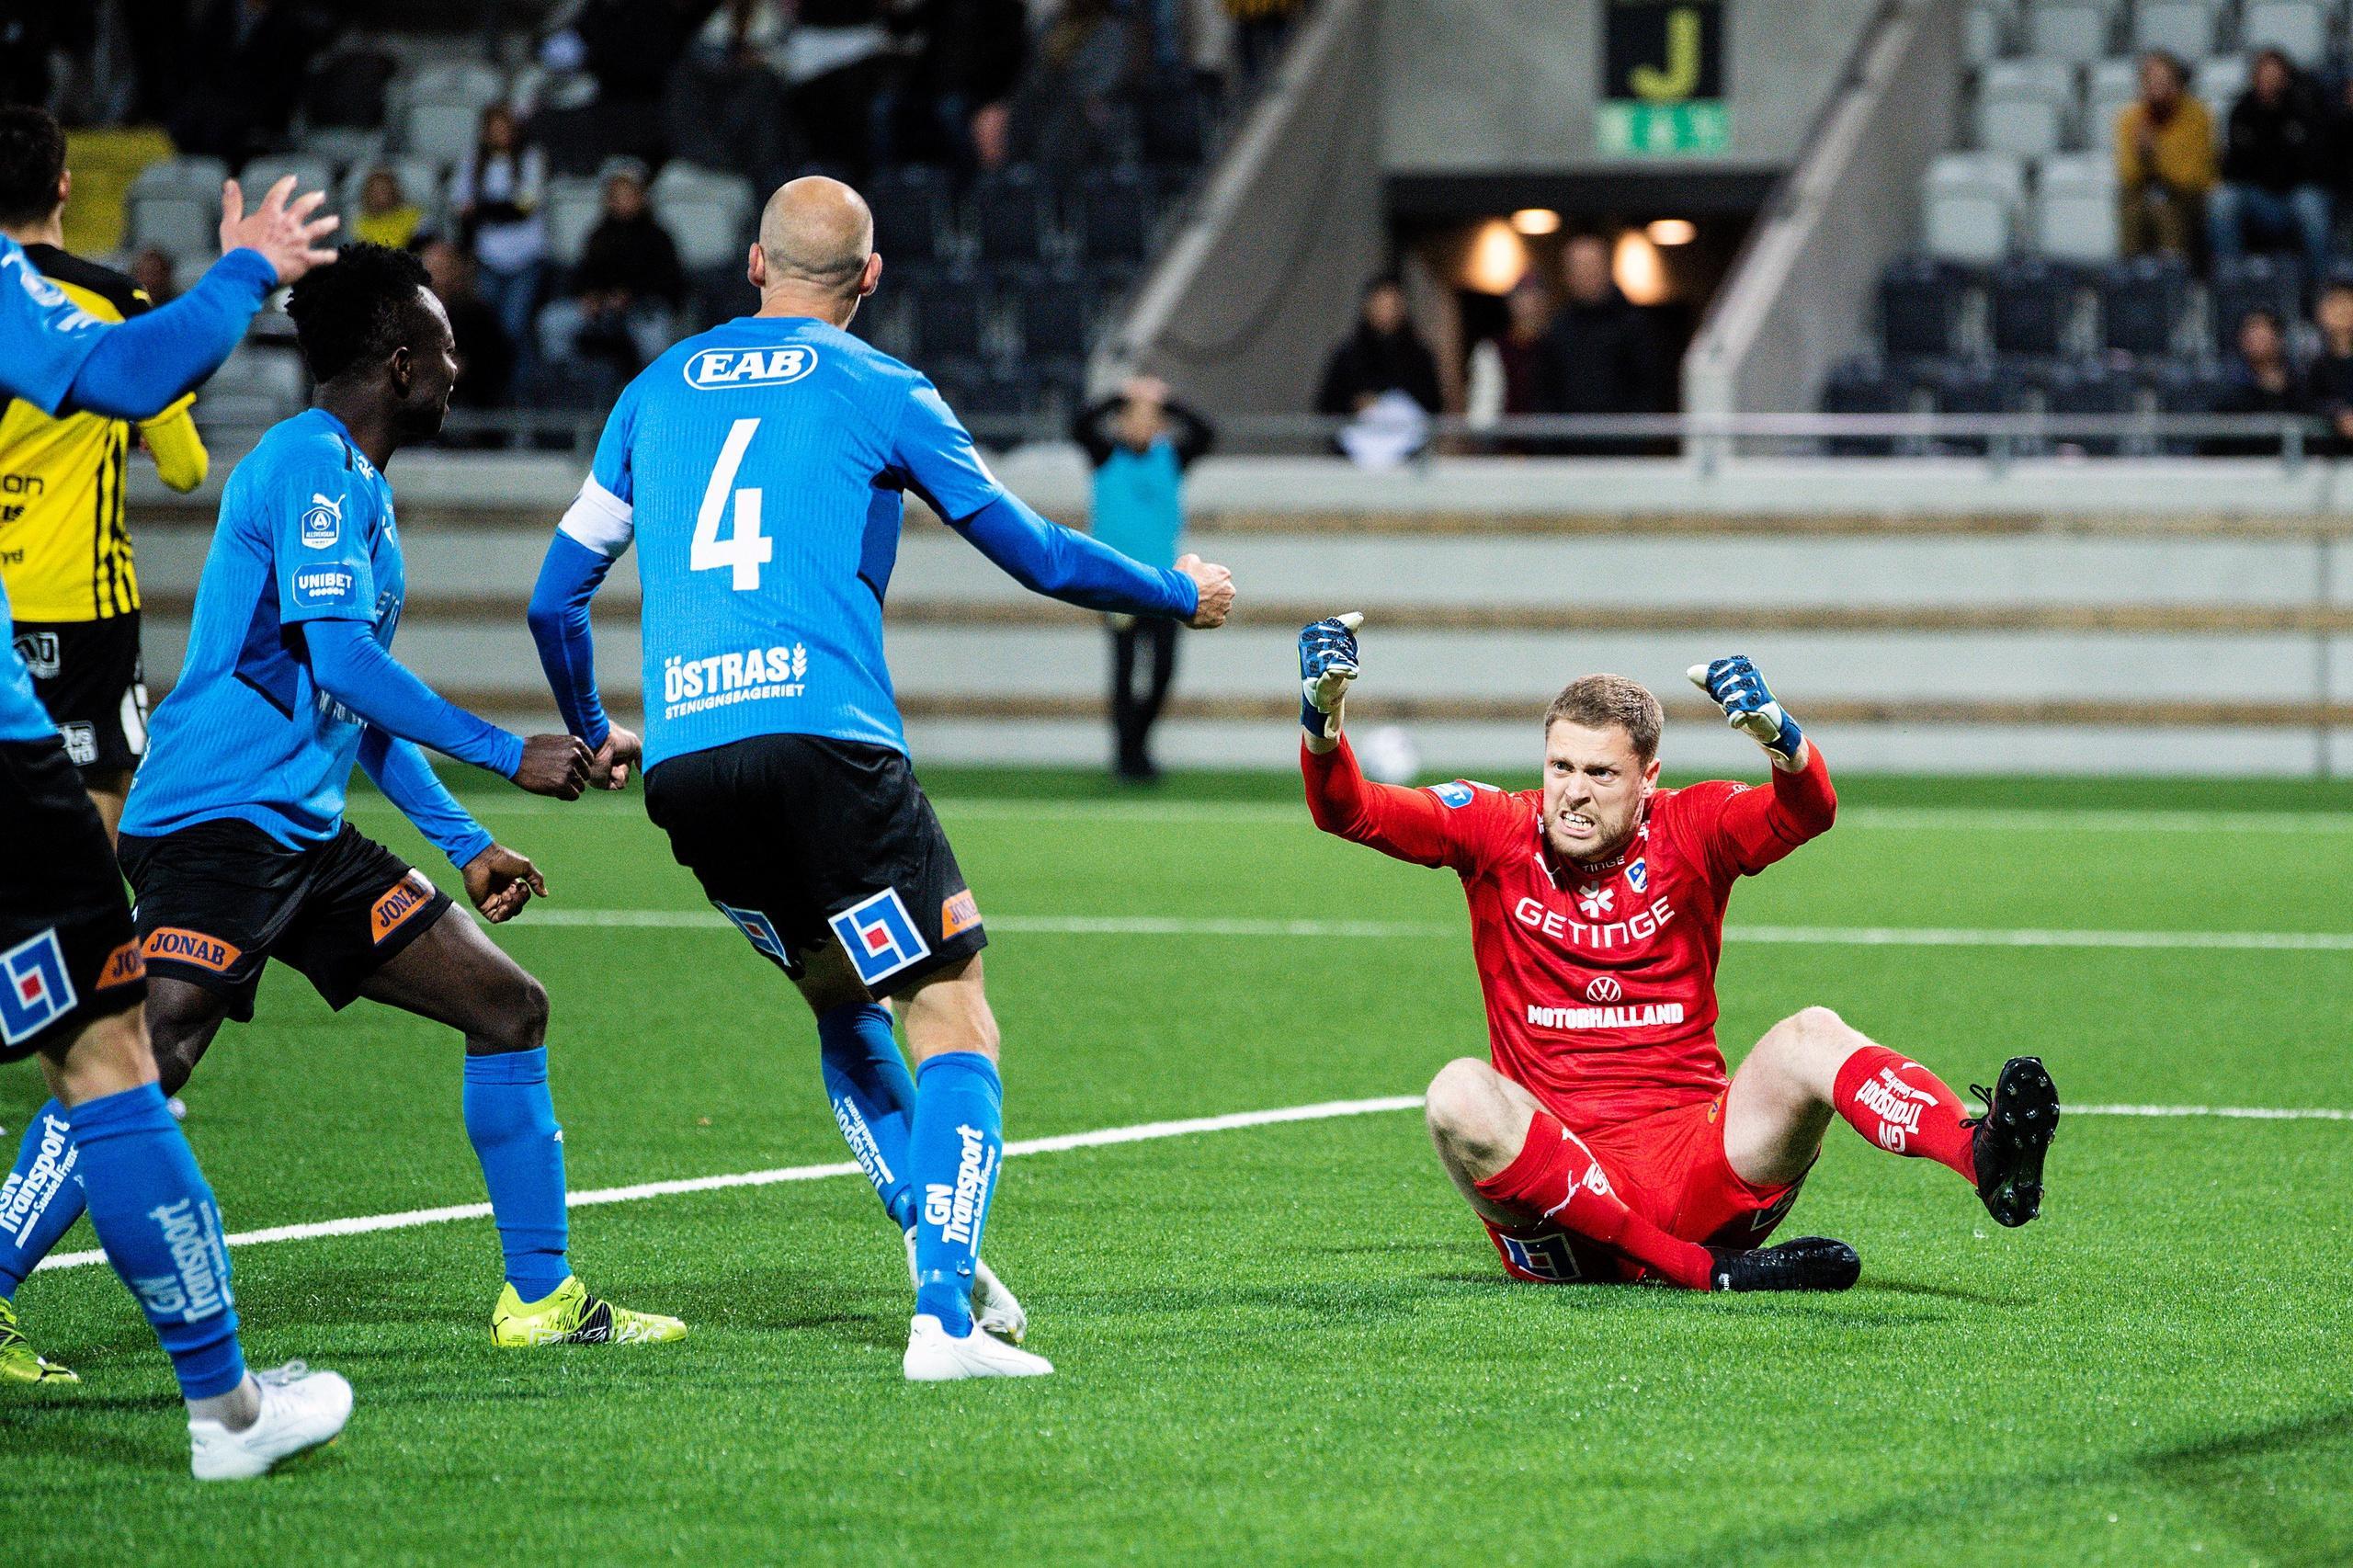 HBK-keepern stor matchhjälte – räddade tre poäng